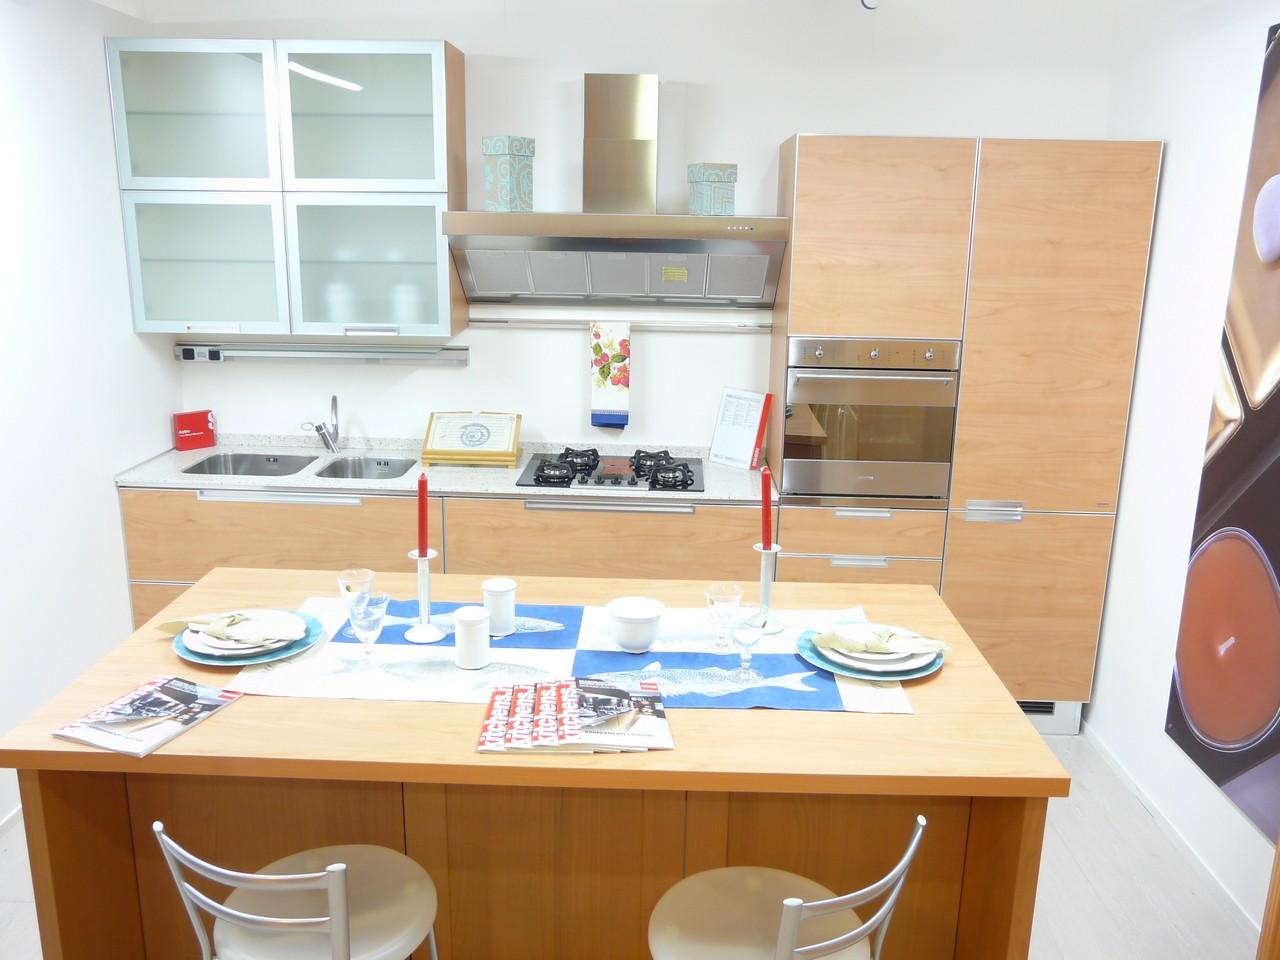 Arredamenti casarini modena bologna occasioni 010 for Bulgarelli arredamenti modena